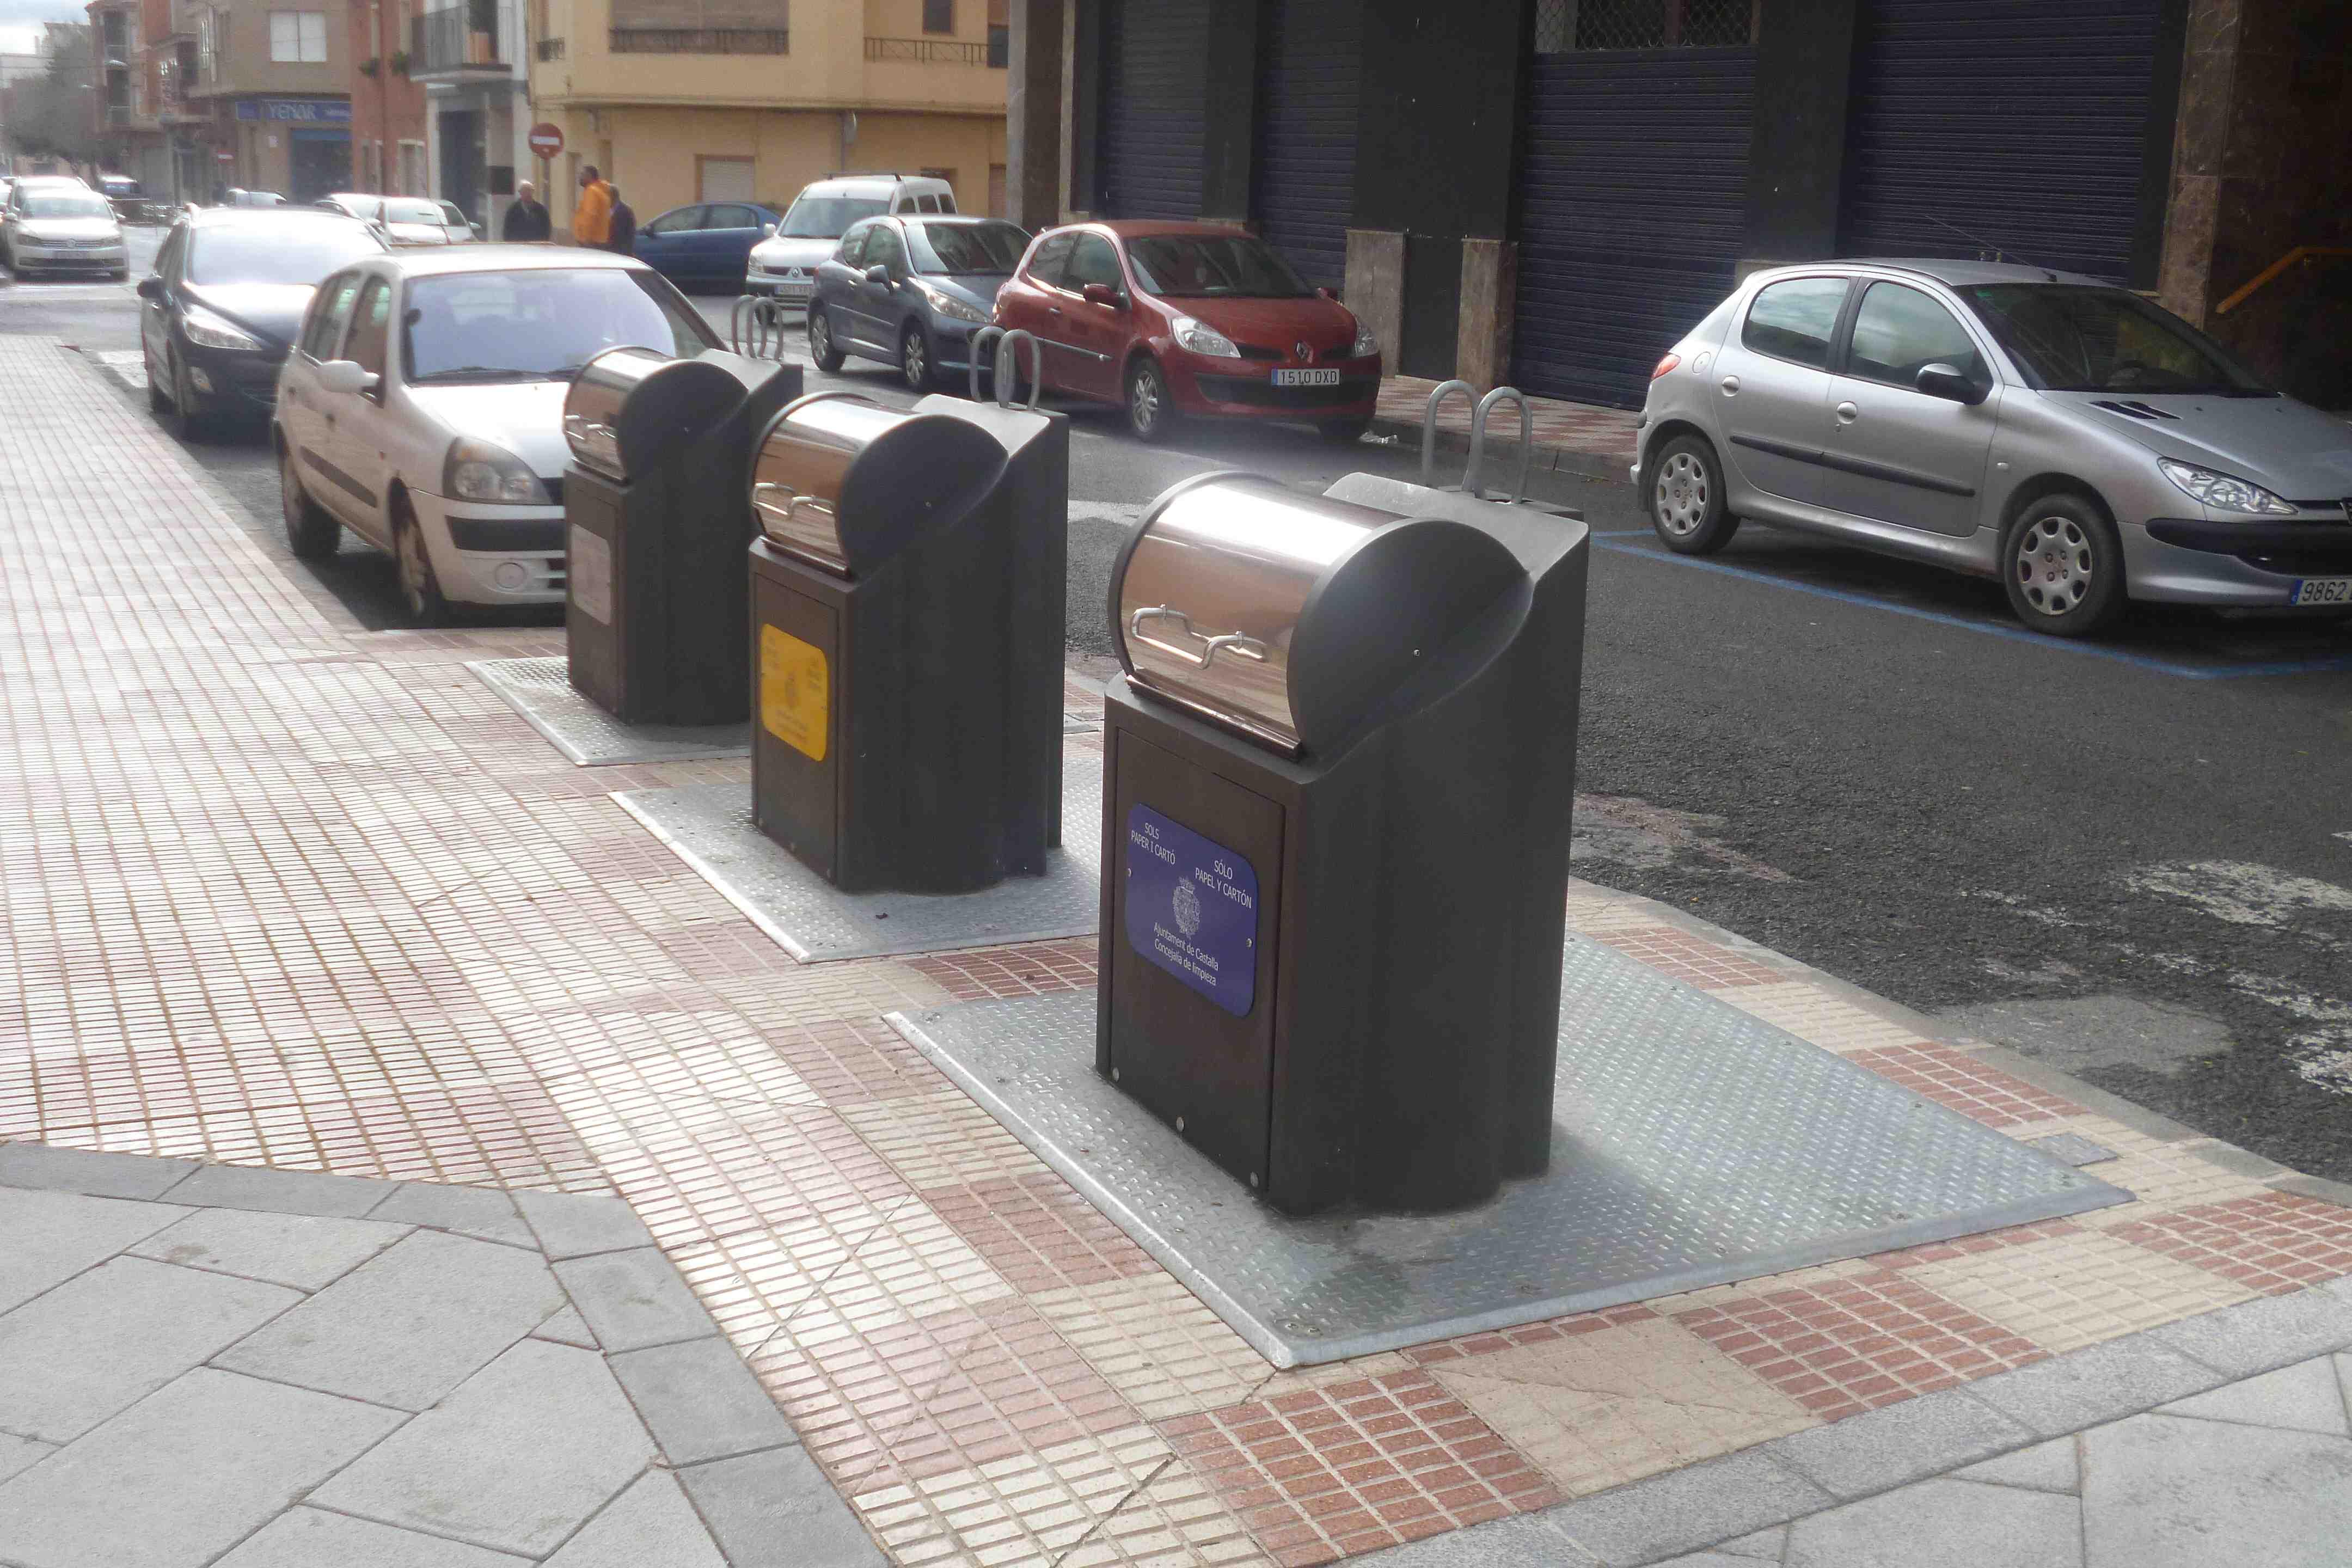 EU-ER: Acord Ciutadà de Castalla aposta per la gestió pública del servici de recollida de brossa